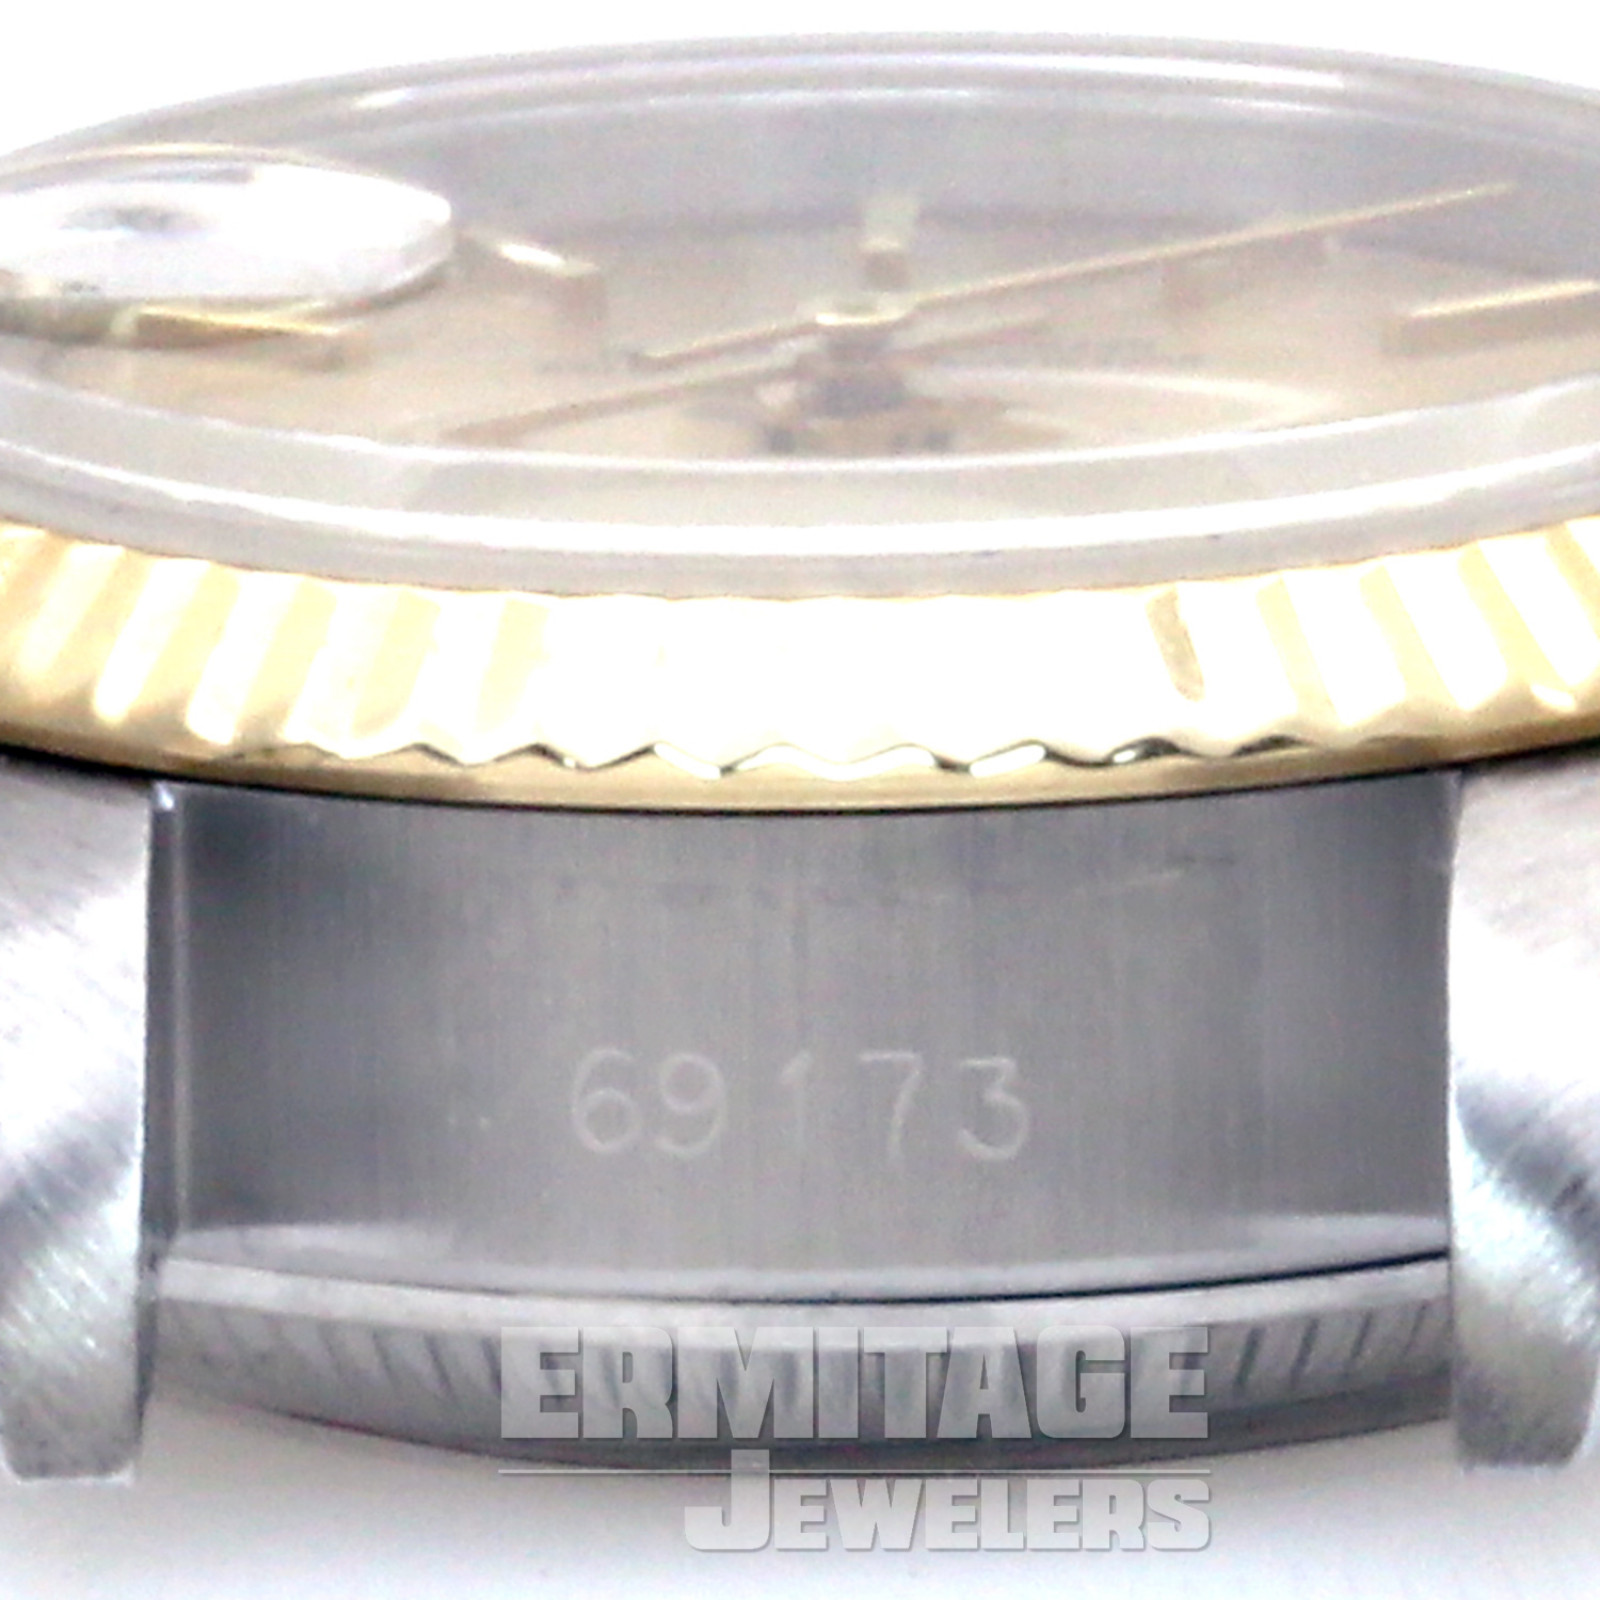 Rolex Datejust Ref. 69173